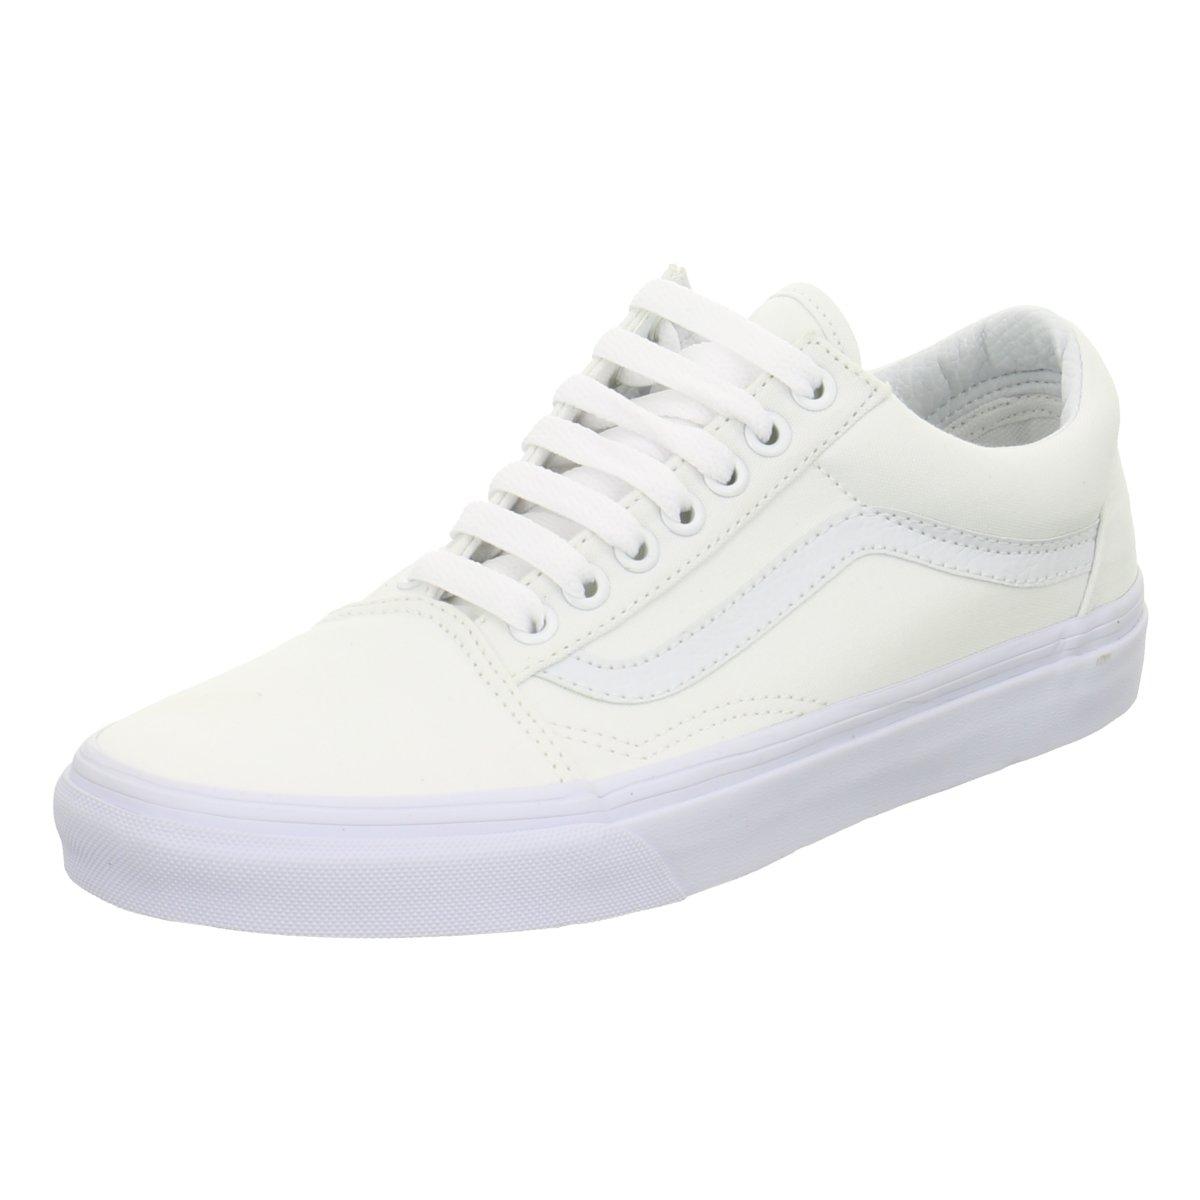 vans herren sneaker weiß